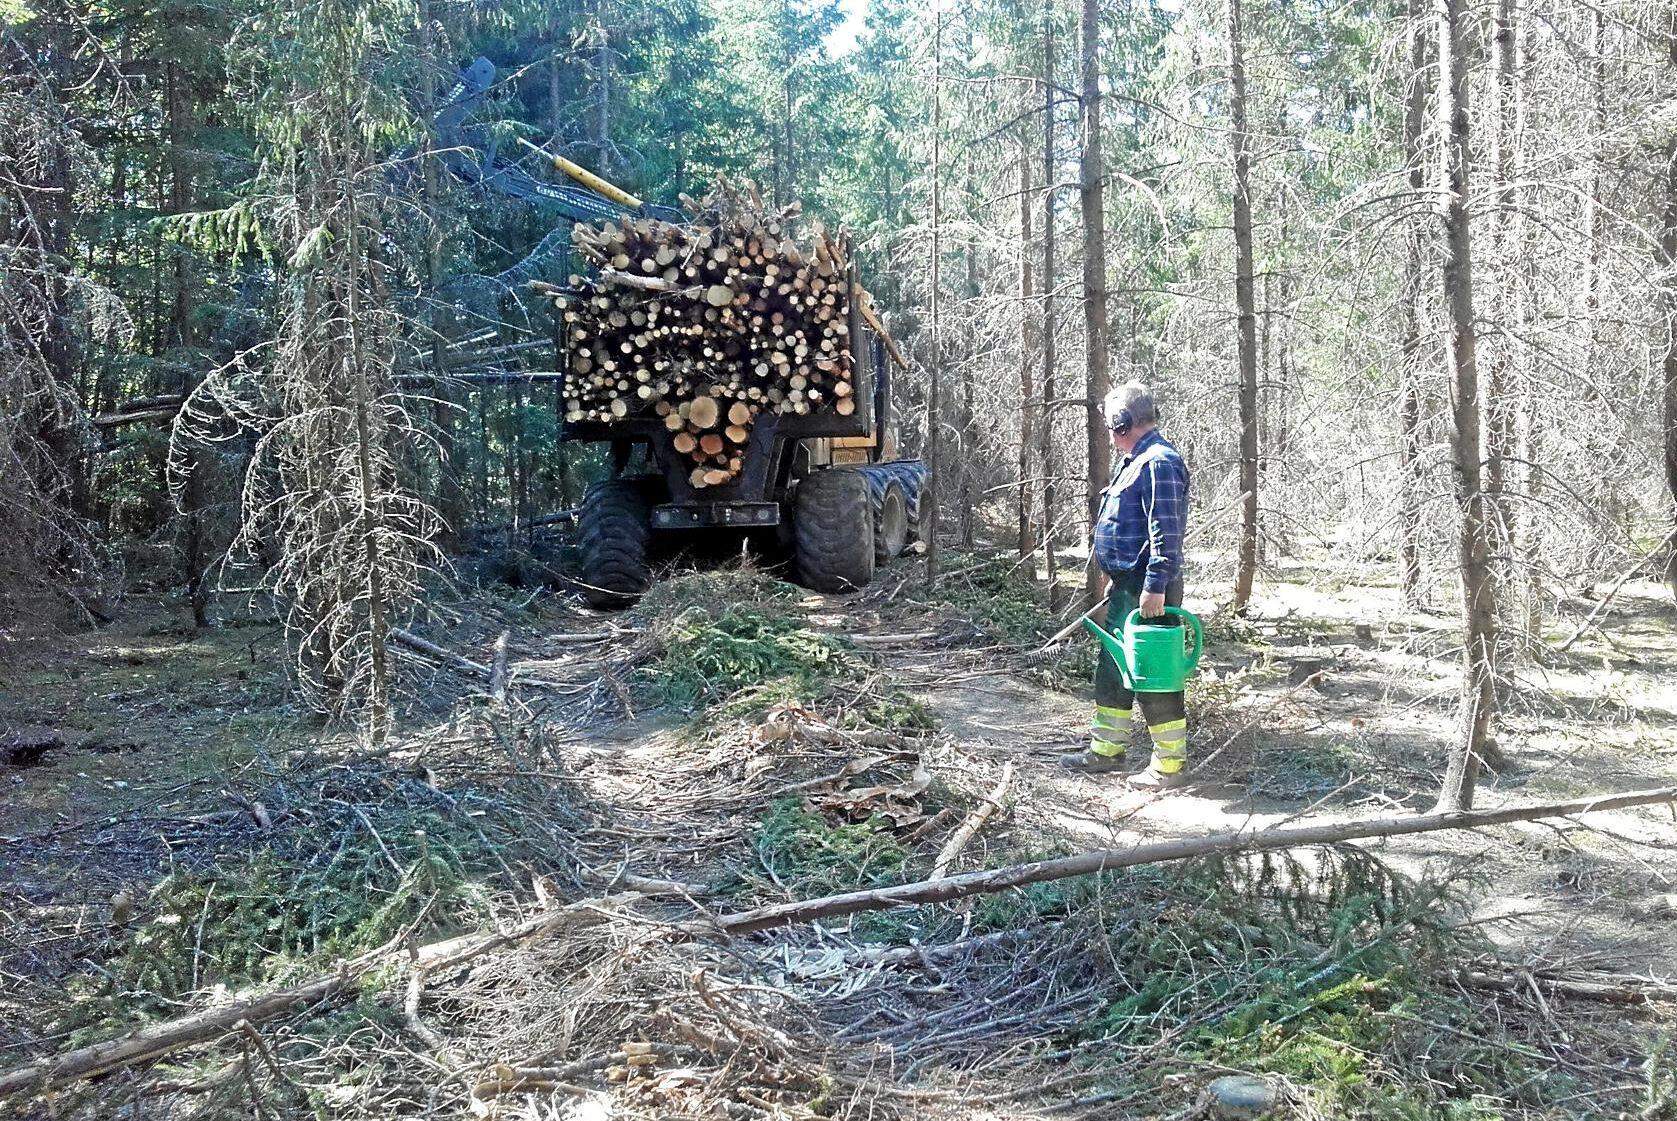 Brandvakt. Örjan Persson står beredd med kratta och vattenkanna för att snabbt kunna släcka eventuella bränder där skotaren kör fram för Mellanskog i Västmanland.